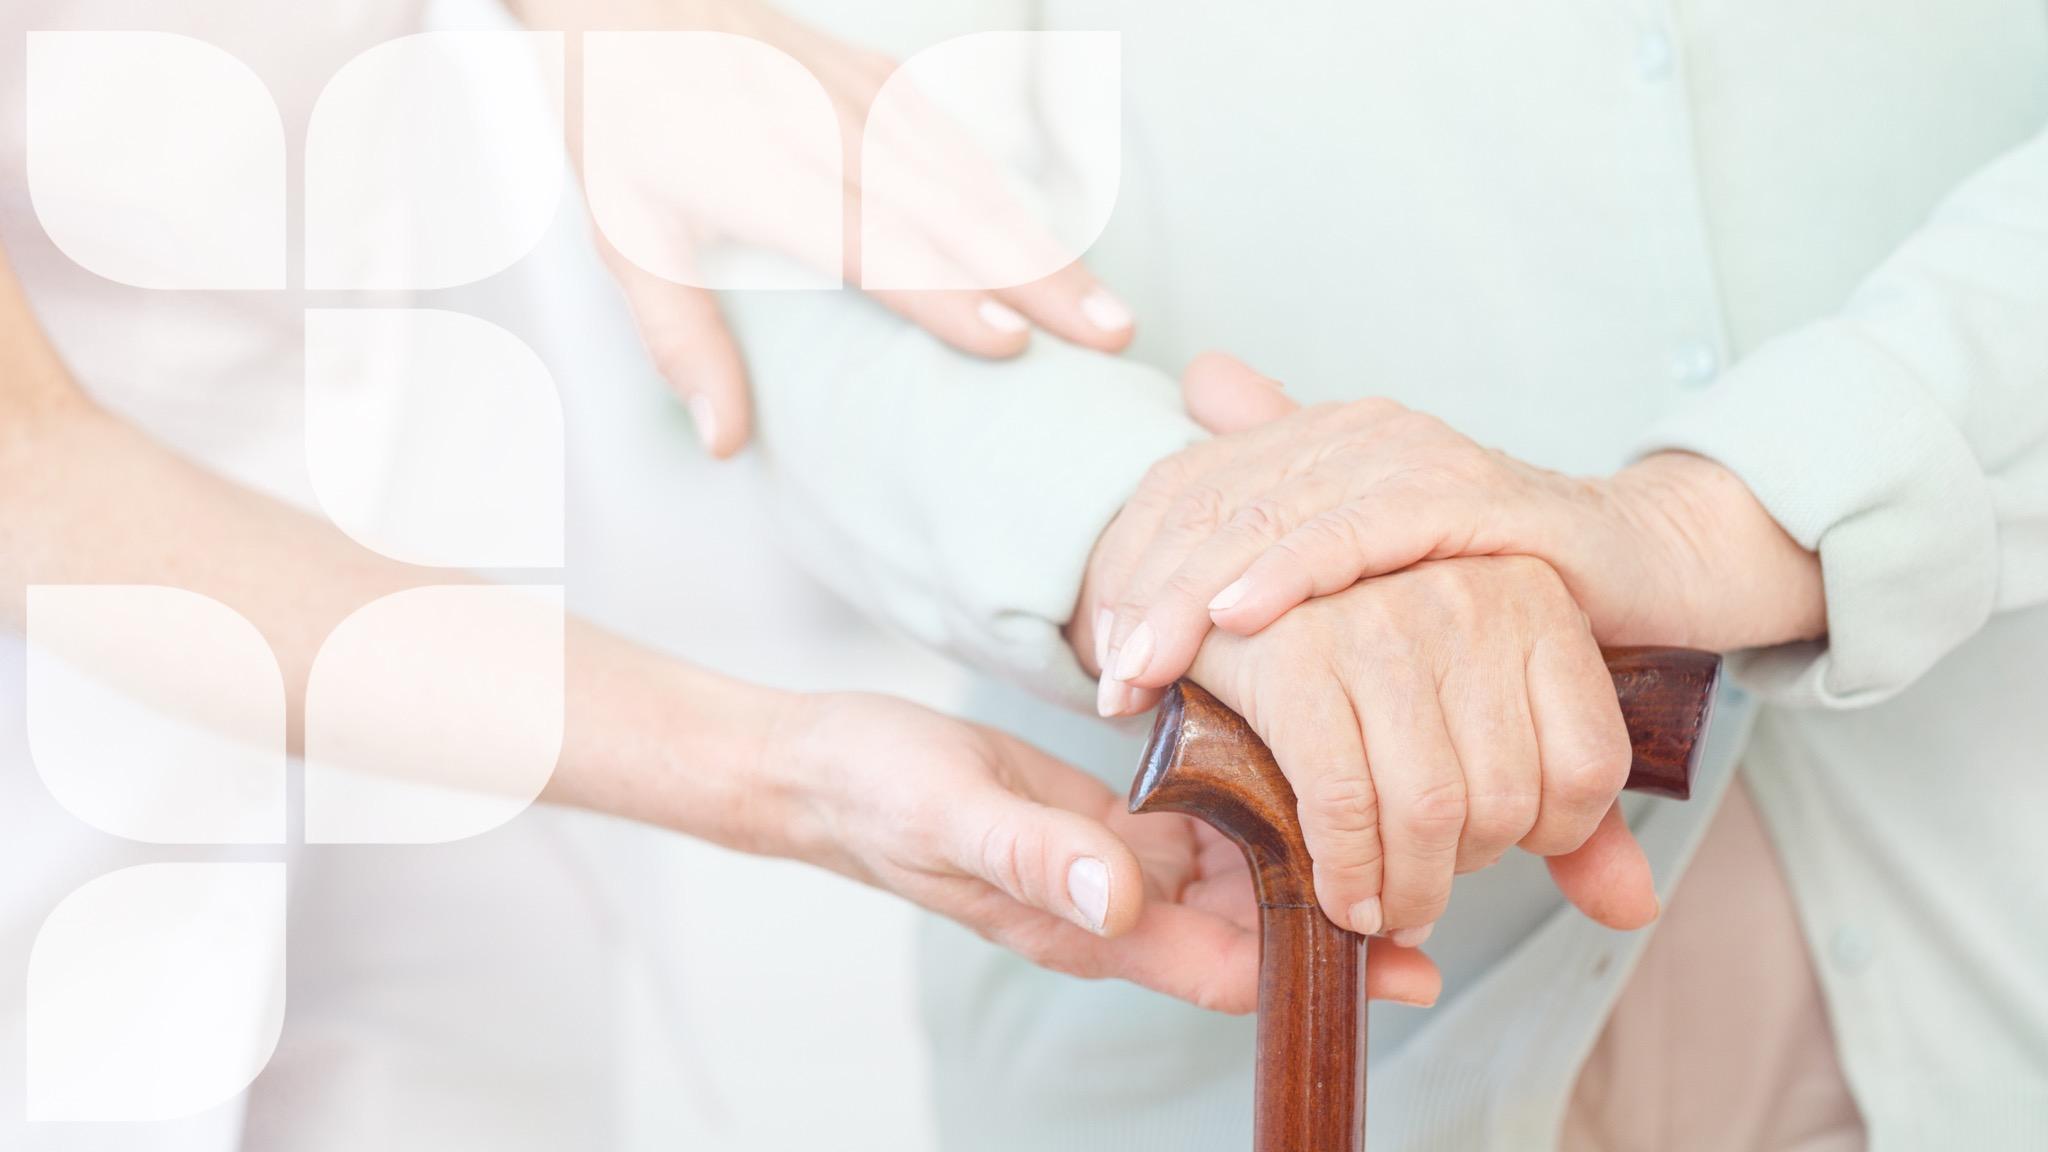 Besöksförbudet vid äldreboenden upphör 23 dec